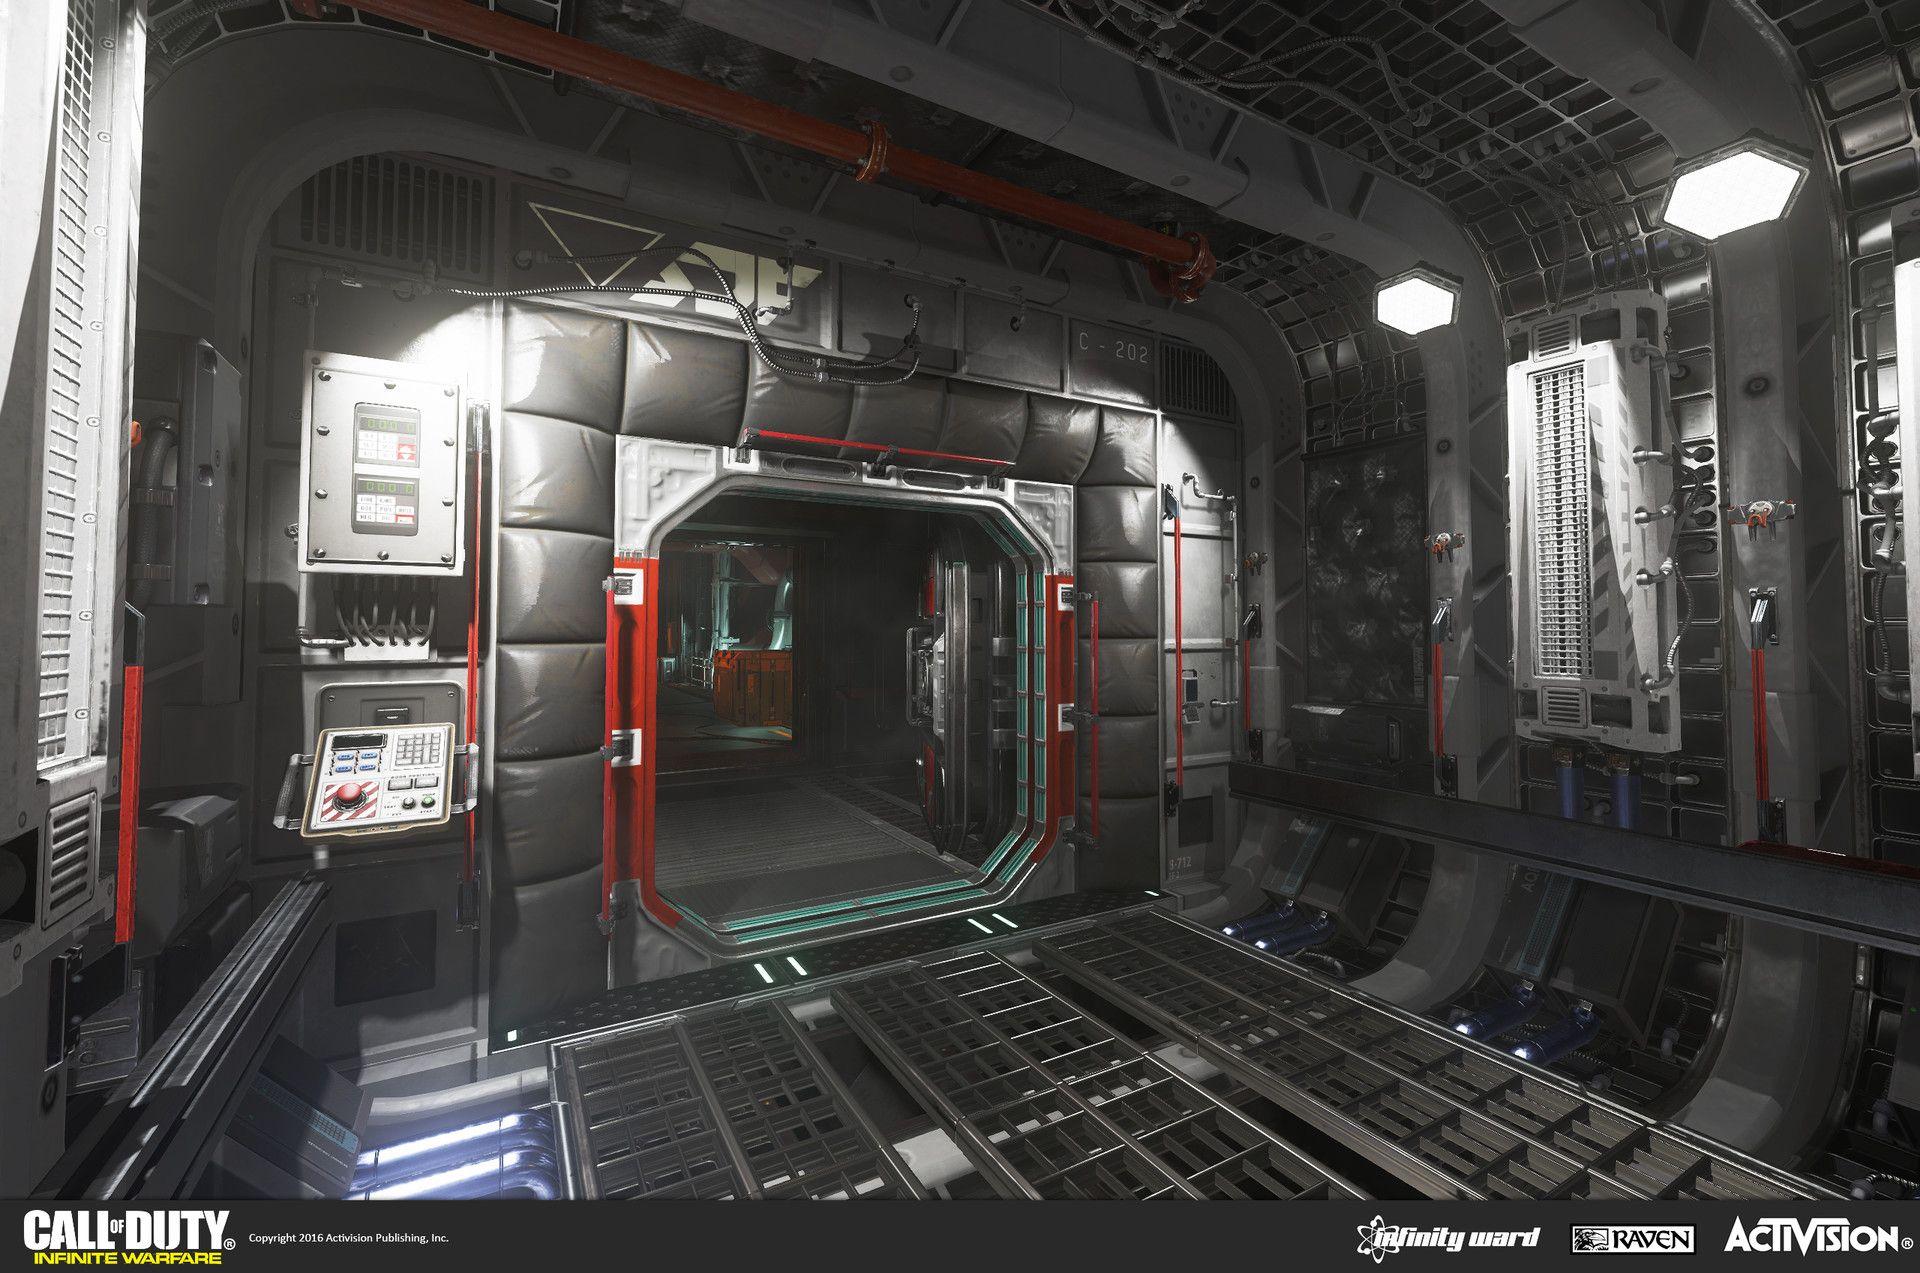 Artstation call of duty infinite warefare ship assaults alex kreeger sci fi environment - Infinite warfare ship assault ...